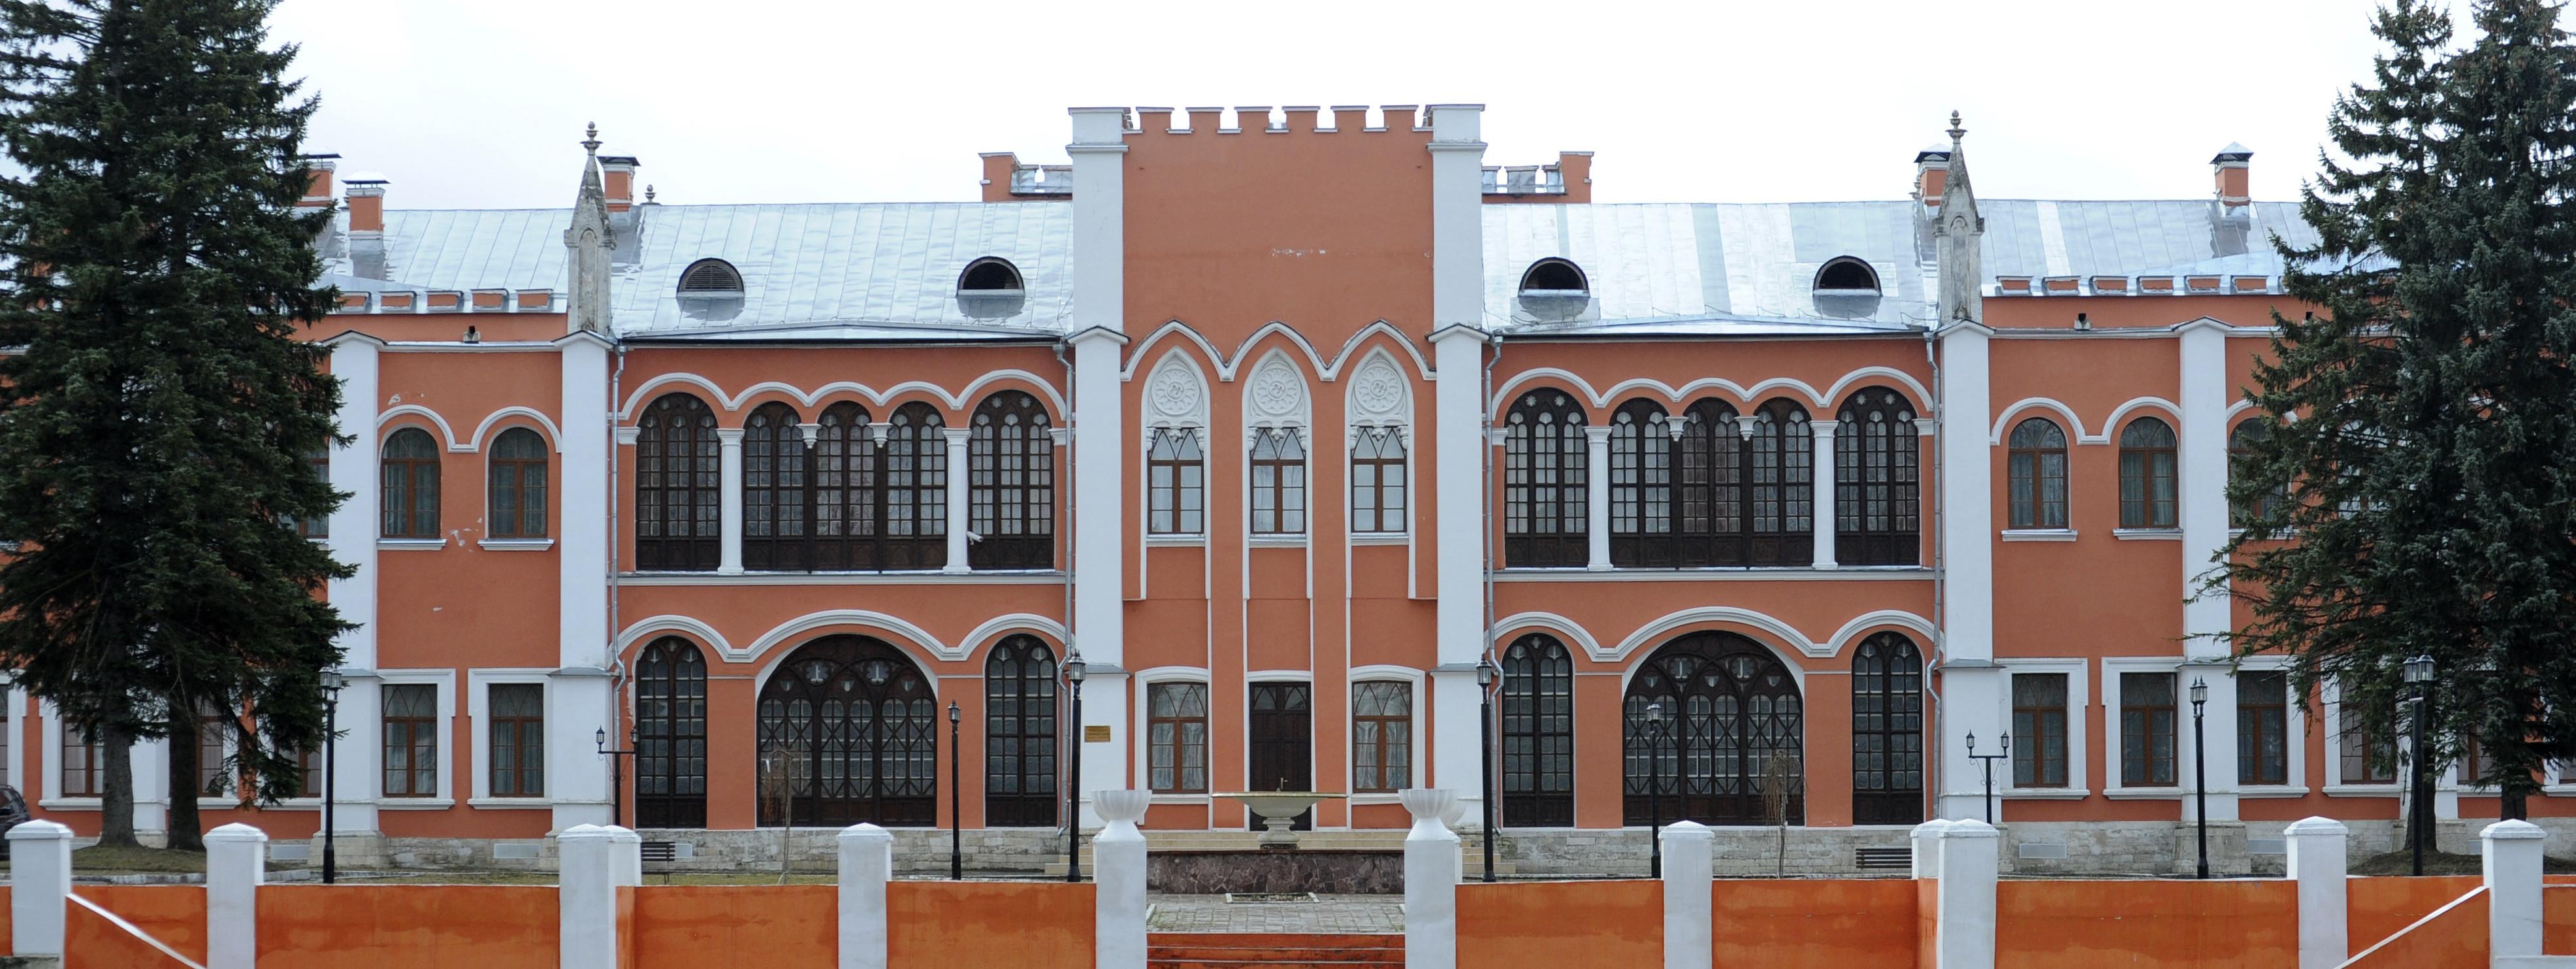 Главный усадебный дворец в усадьбе Марфино